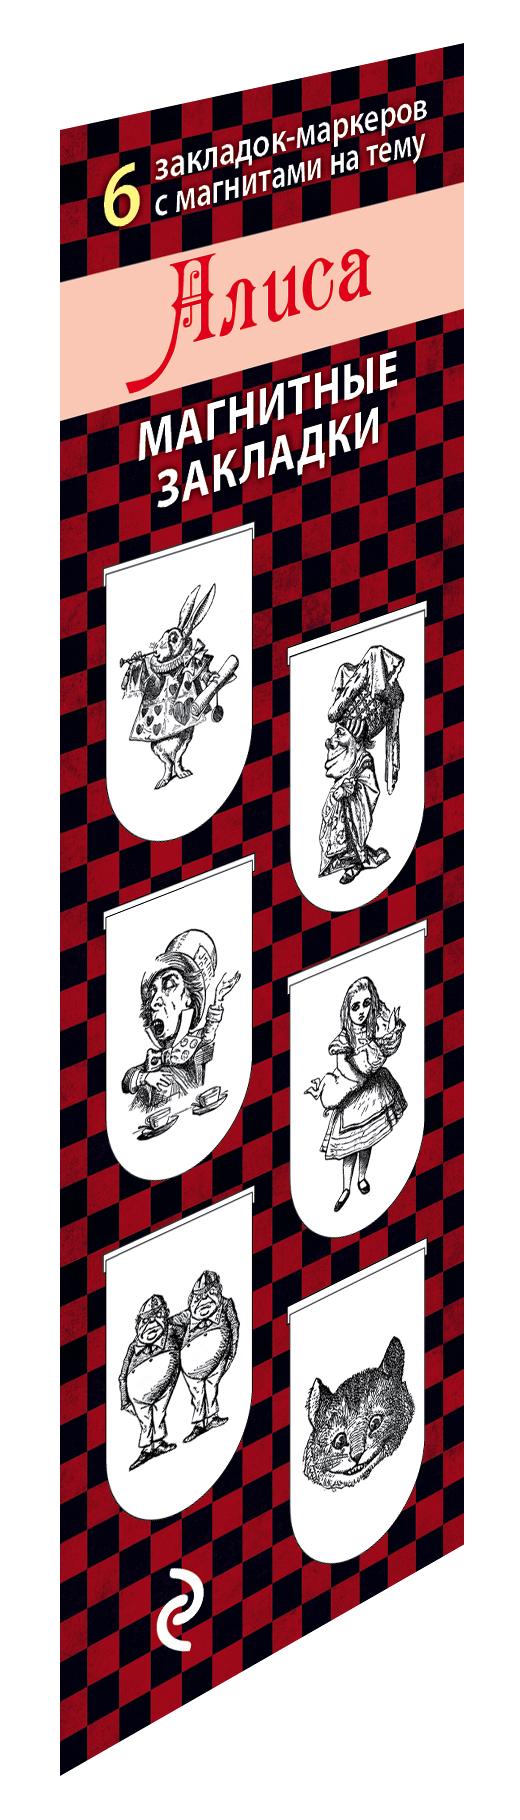 Магнитные закладки. Алиса (6 закладок полукругл.) фото